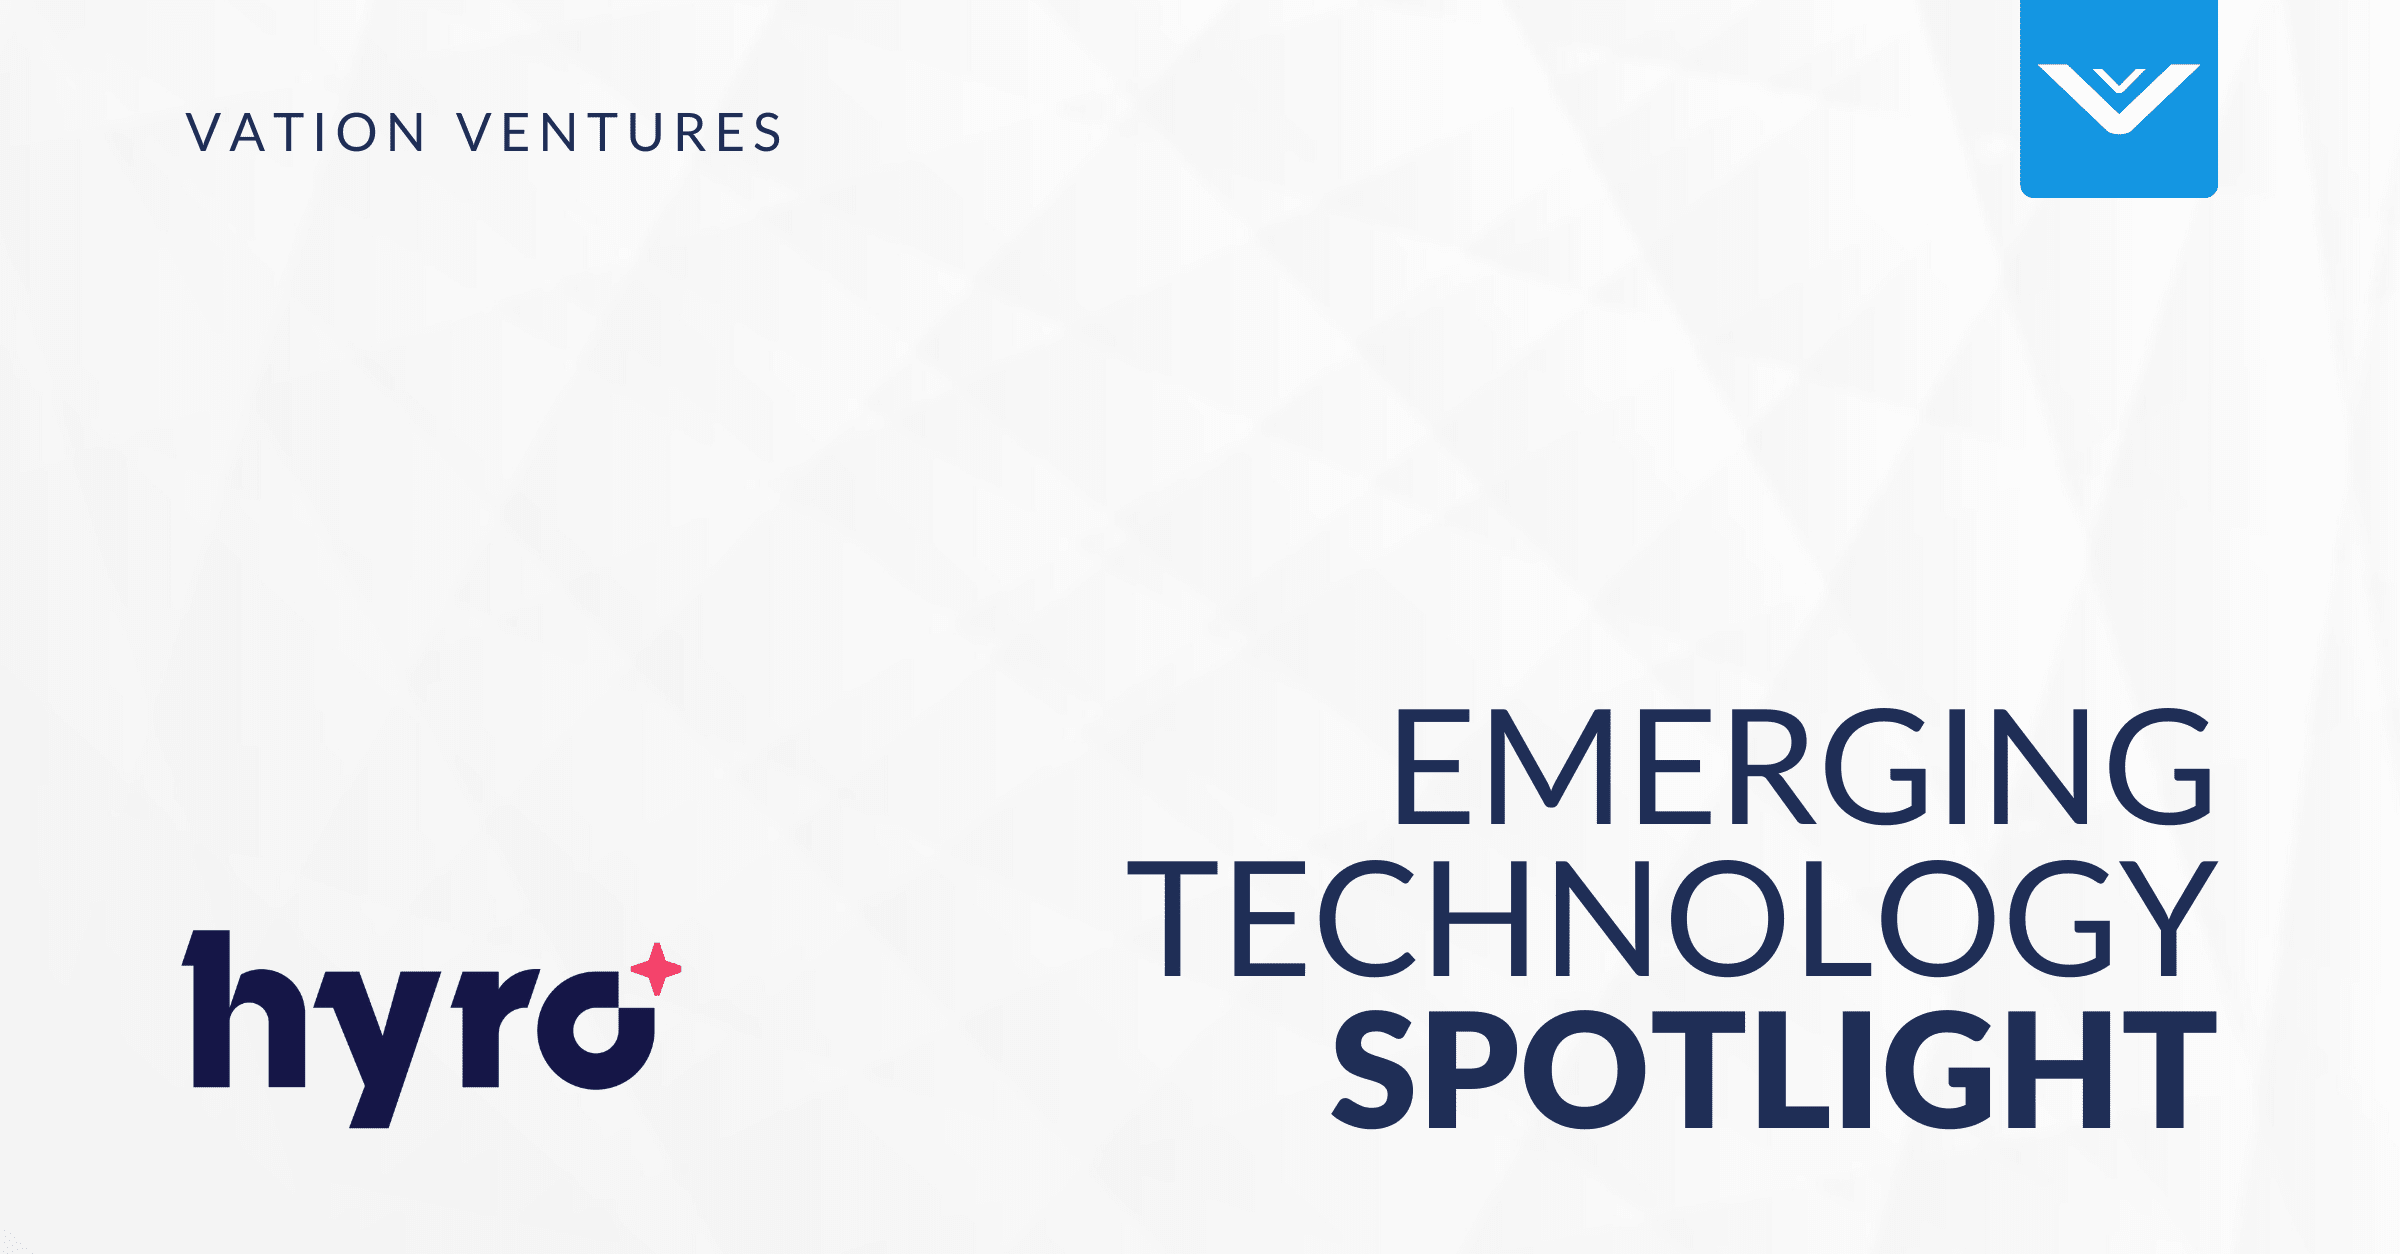 Emerging Technology Spotlight: Hyro